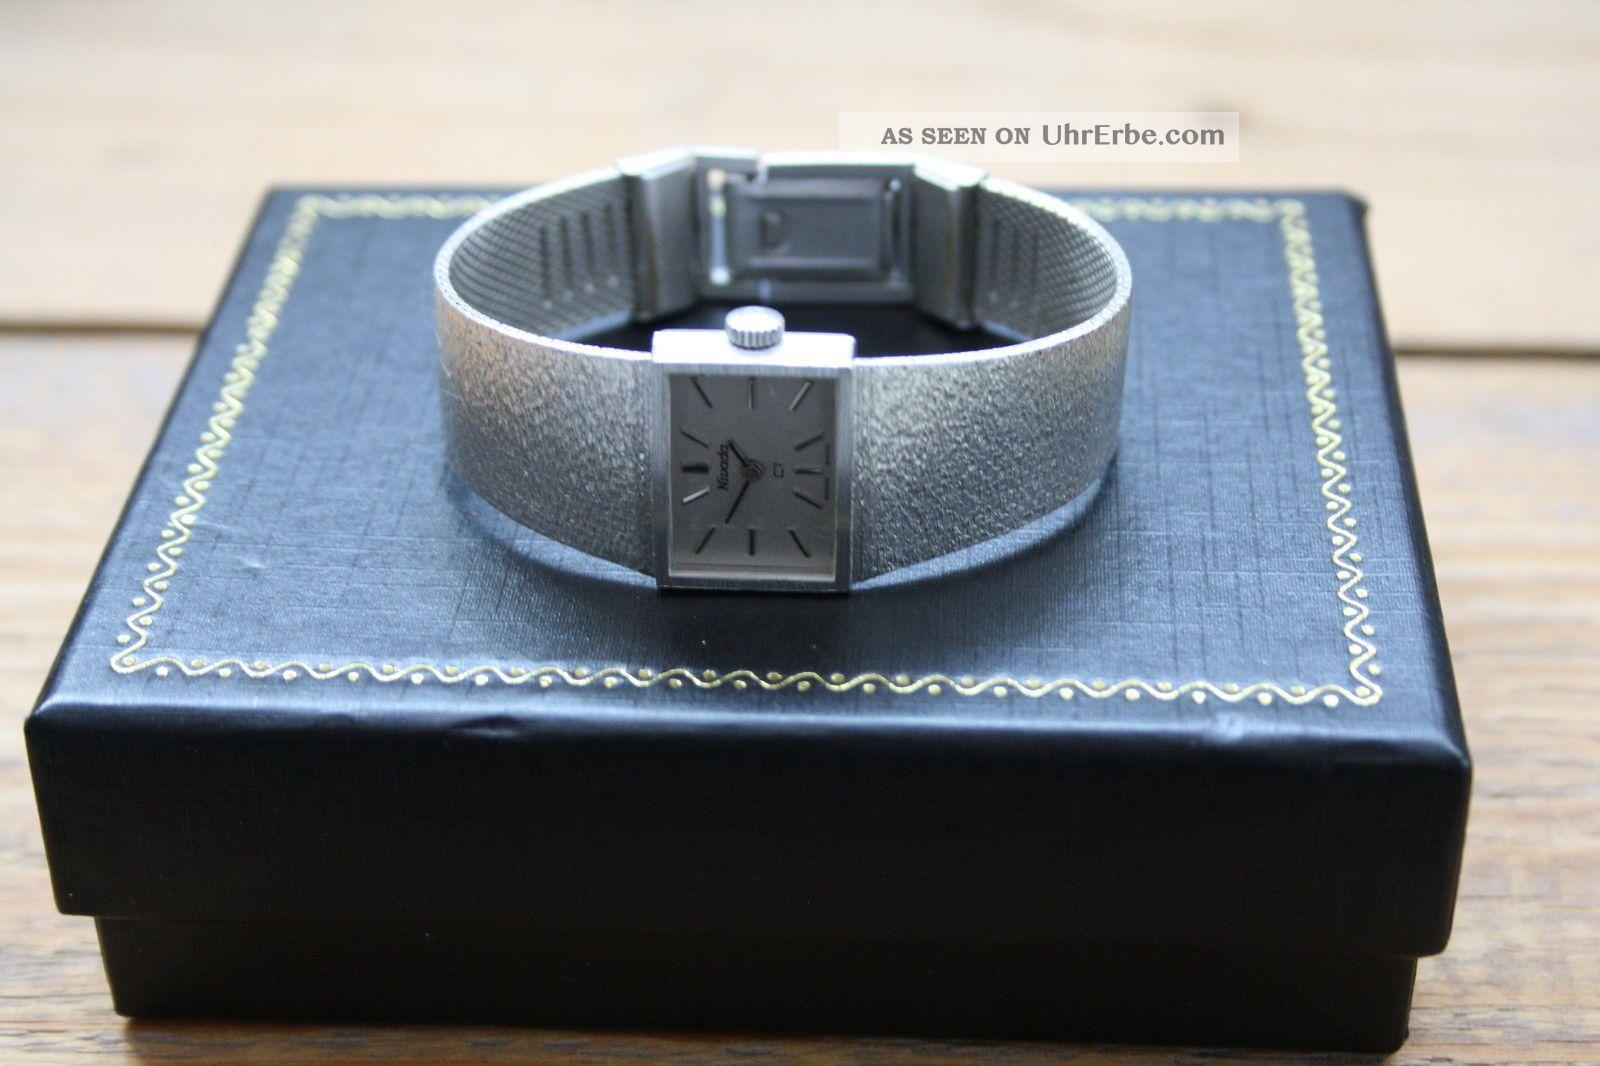 Damenarnbanduhr 1970 Nivada Mechanisch Vintage Sehr SchÖn,  Elegant Nos Swiss Armbanduhren Bild